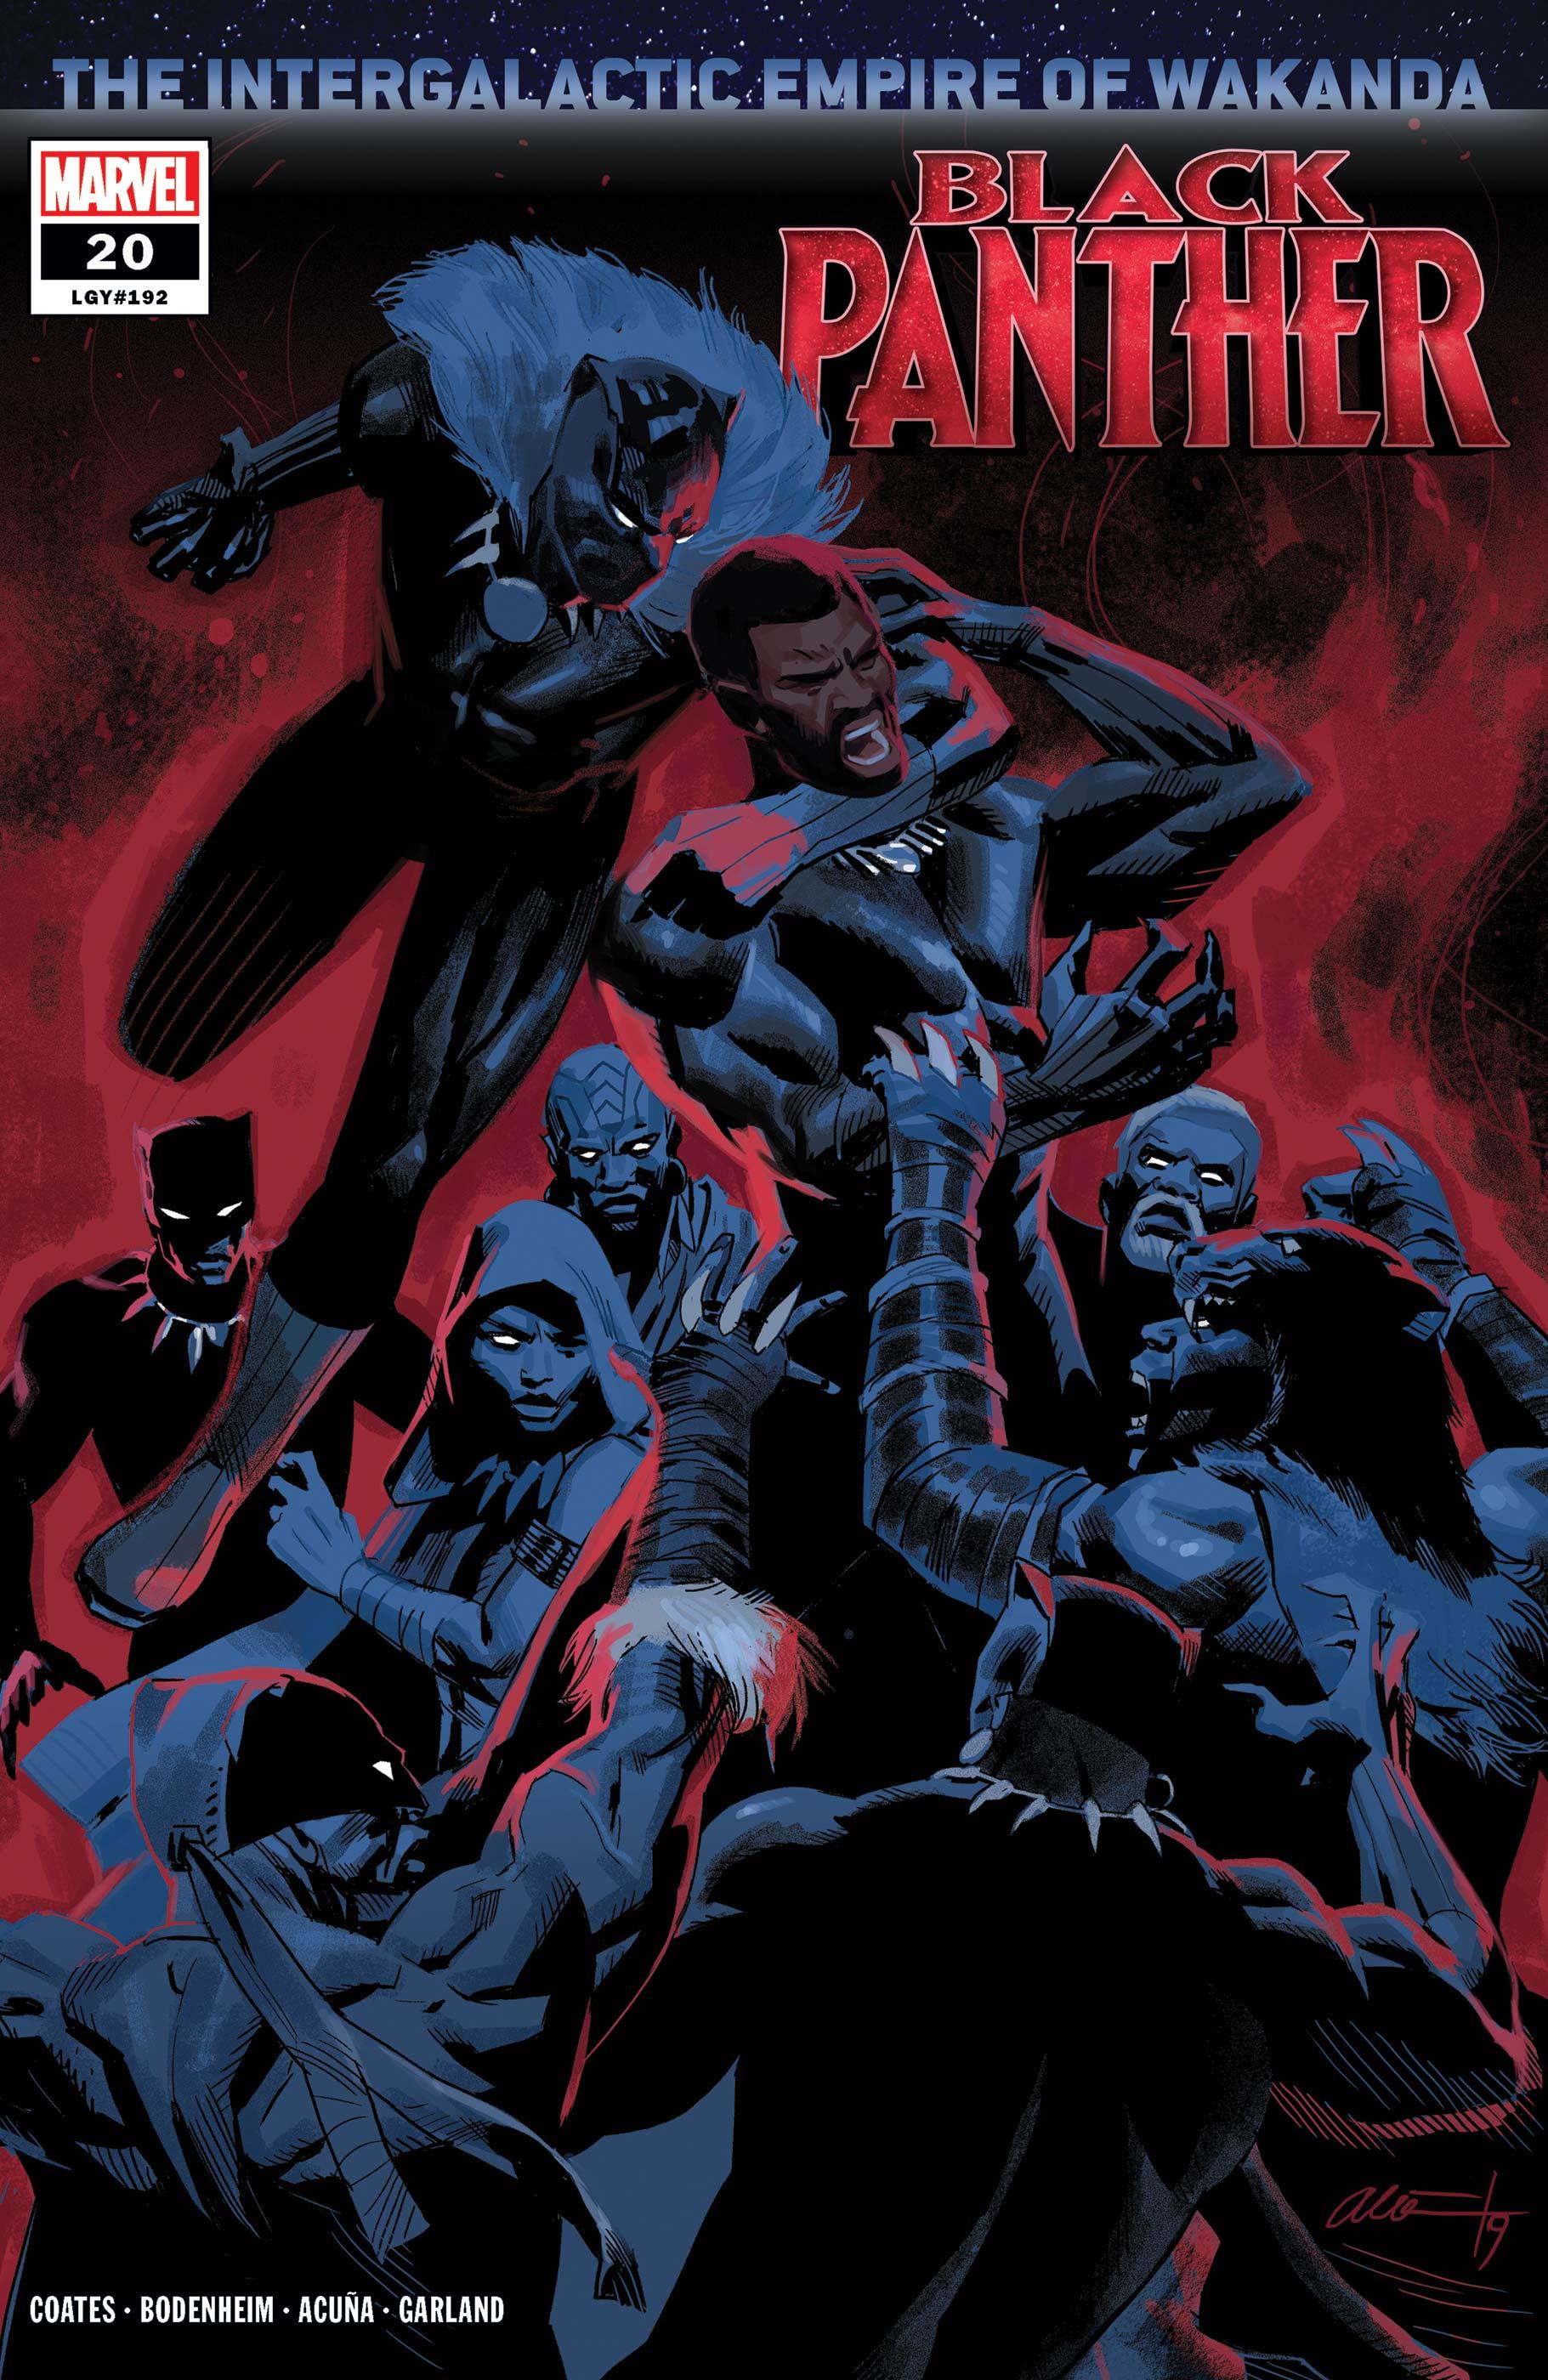 Black Panther (2018) #20